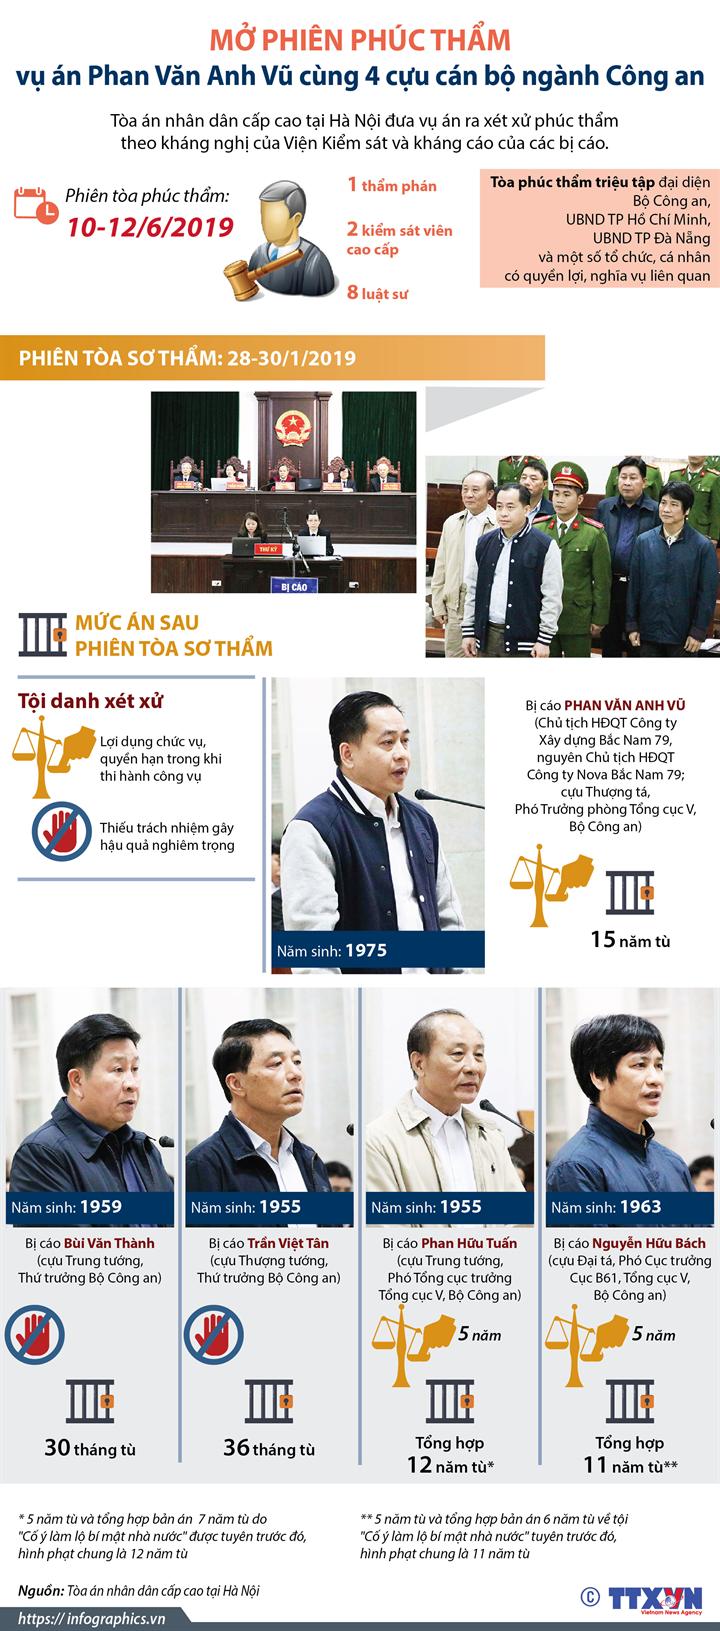 Mở phiên phúc thẩm vụ án Phan Văn Anh Vũ cùng 4 cựu cán bộ ngành Công an